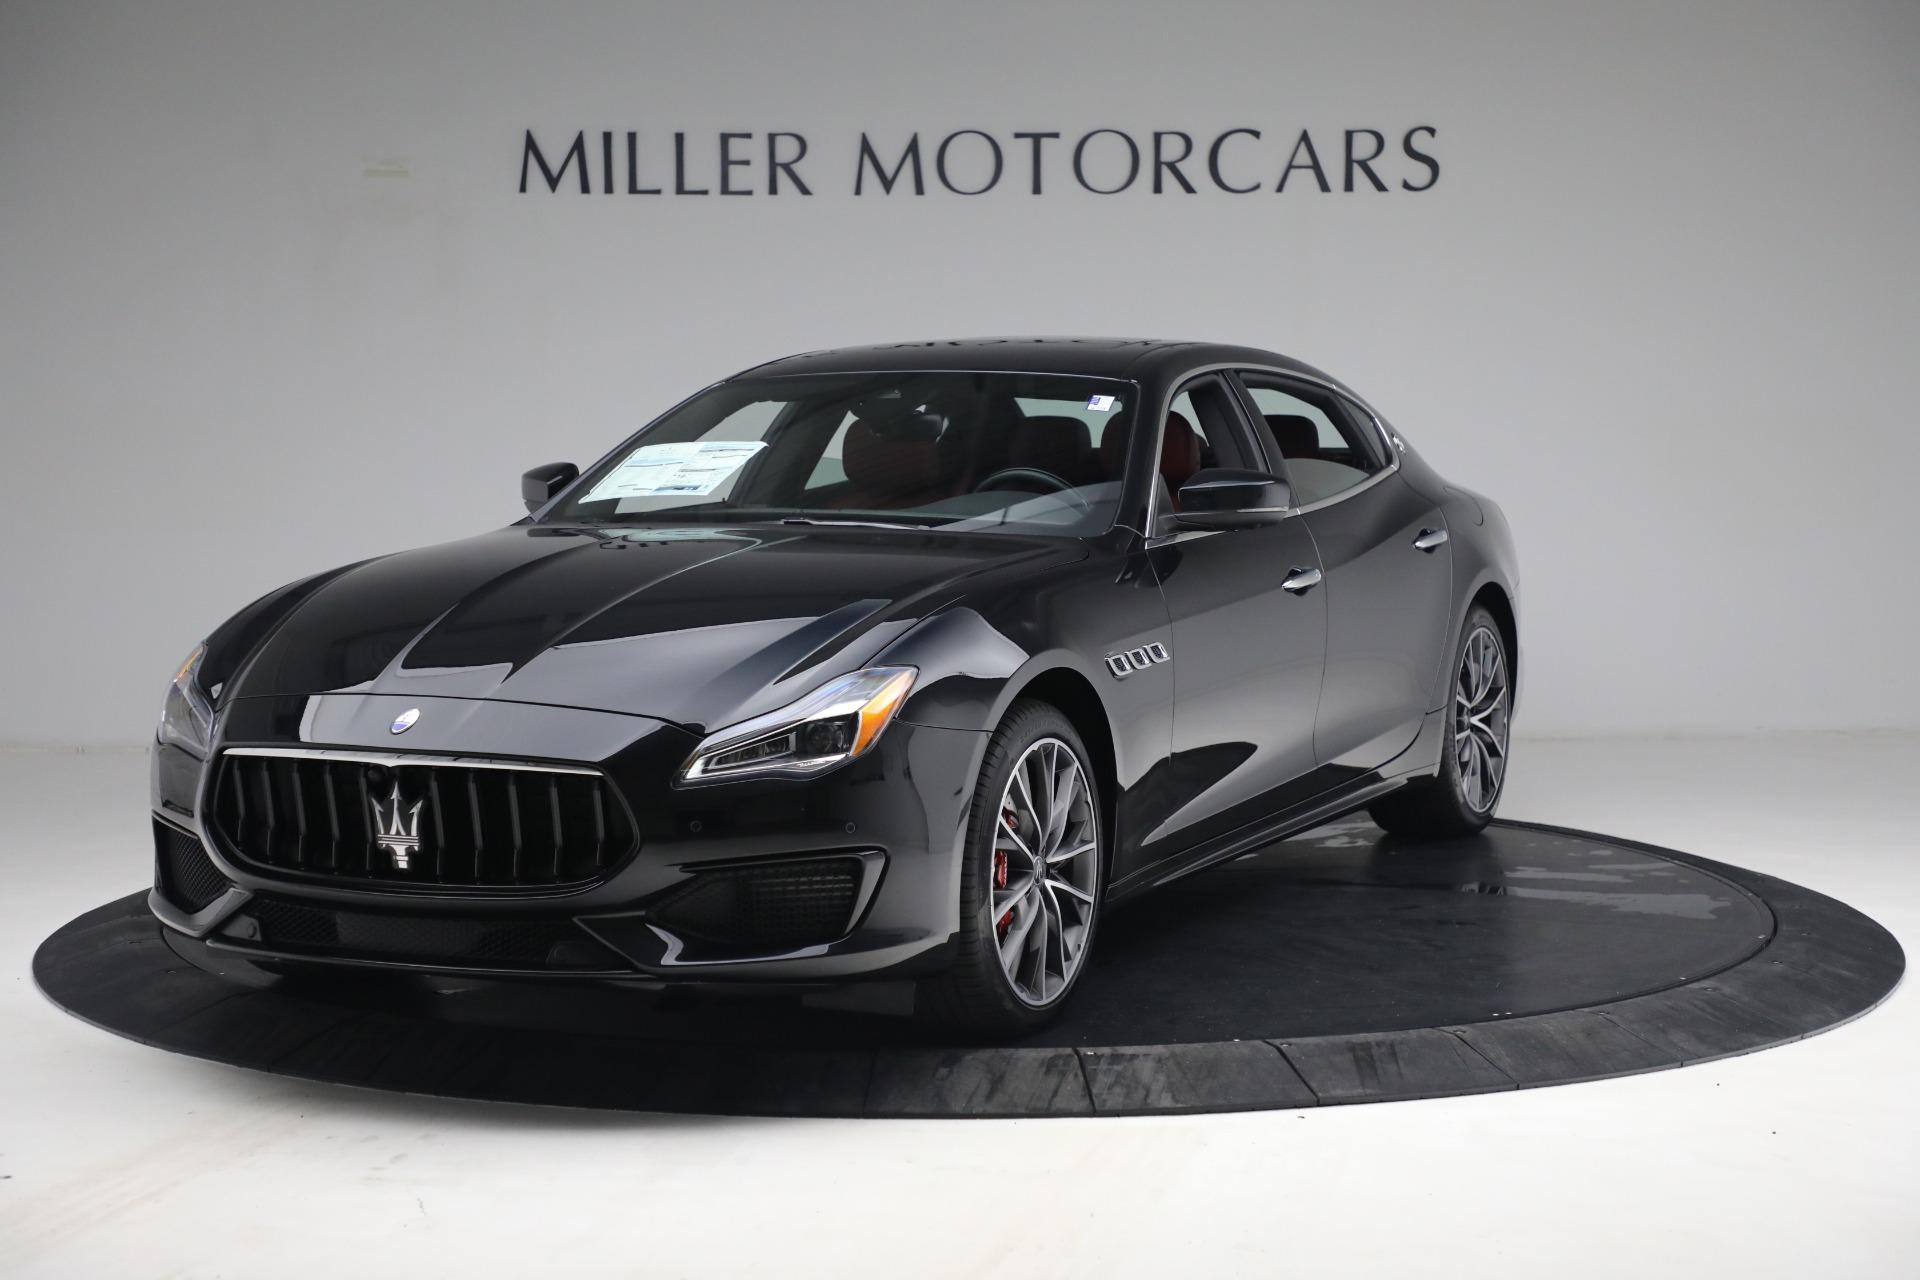 New 2021 Maserati Quattroporte S Q4 for sale $119,589 at Maserati of Greenwich in Greenwich CT 06830 1